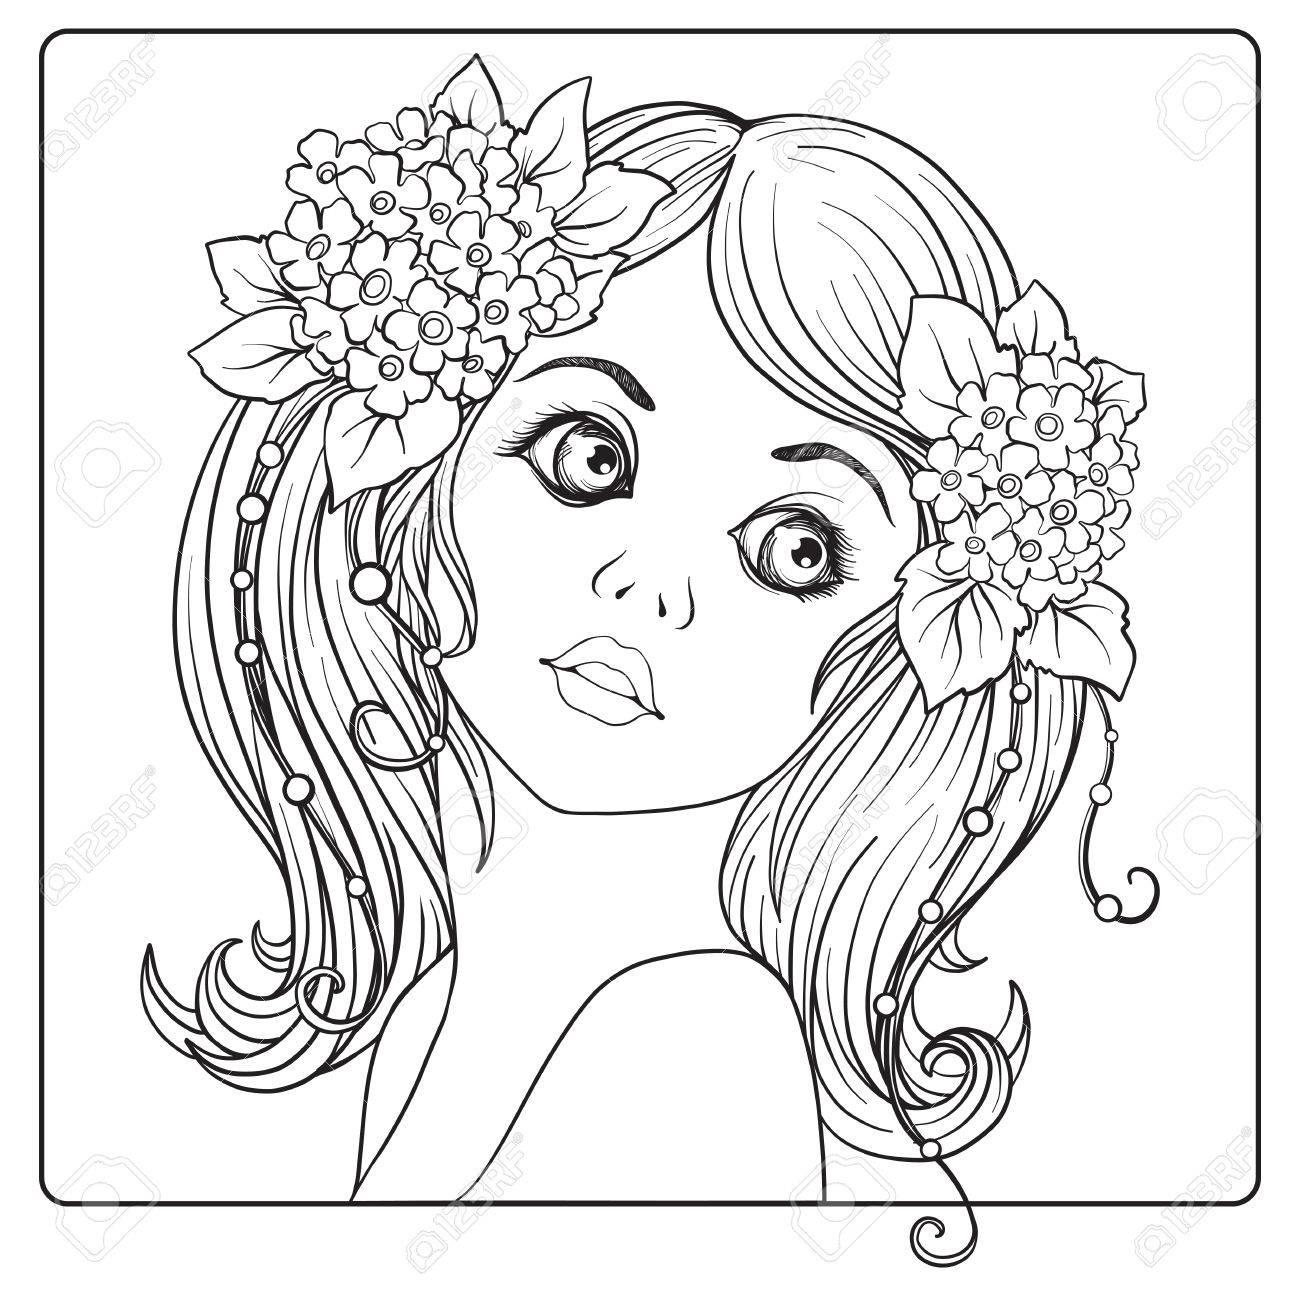 Una Niña Hermosa Con Una Corona De Flores En La Cabeza. Página Para ...